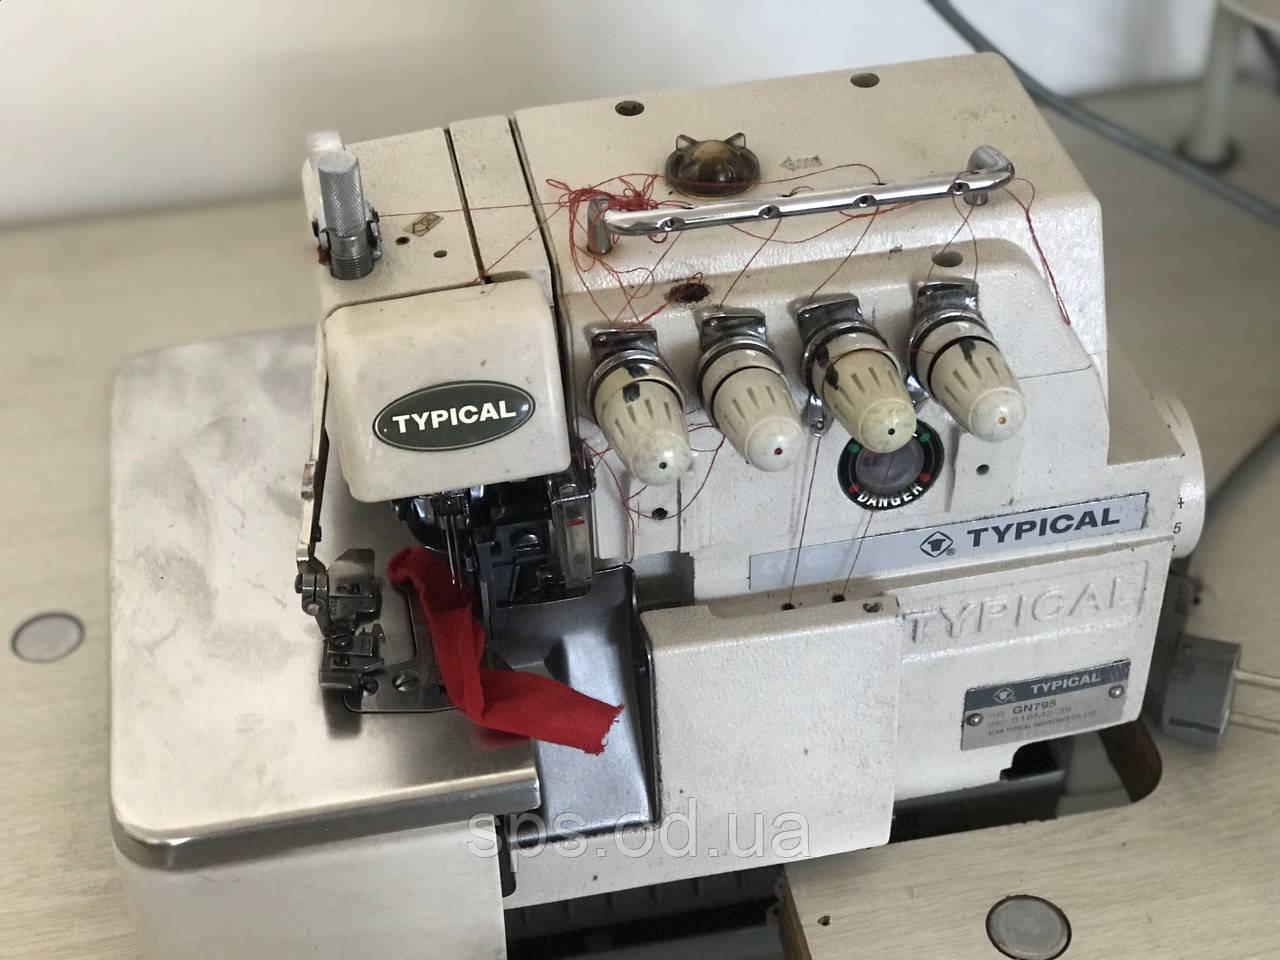 Промышленный оверлок Typical GN 794 на серводвигателе